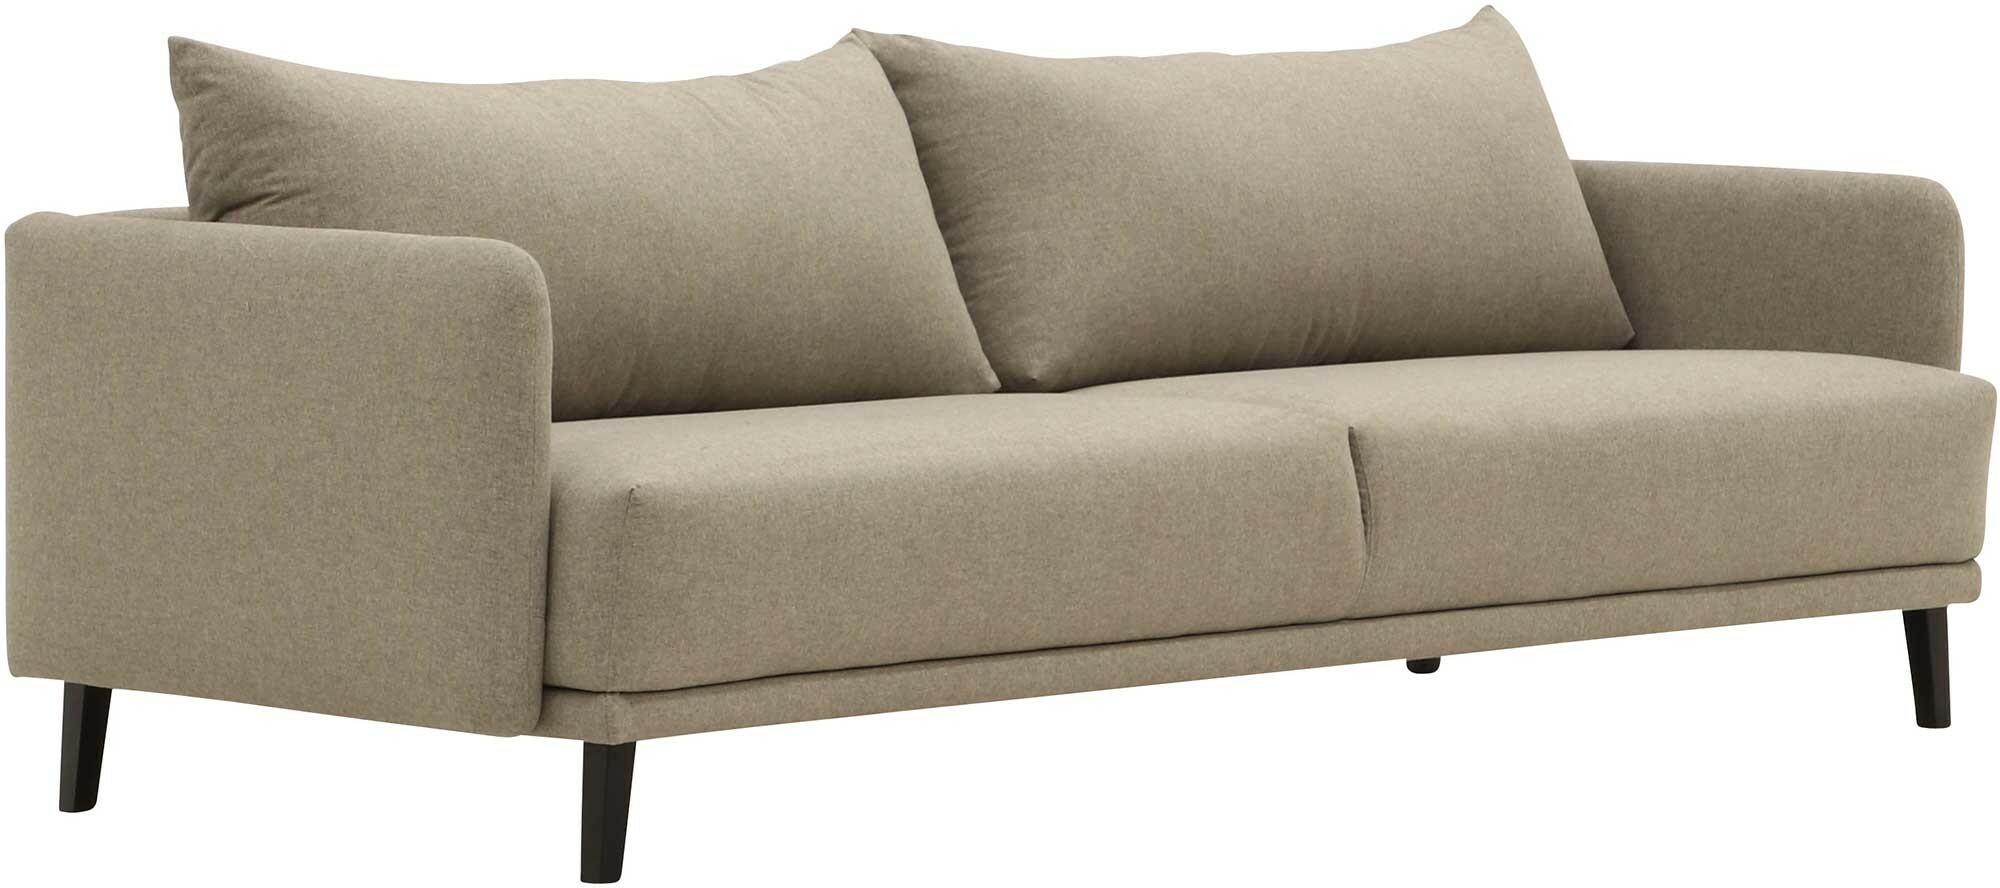 pasadena sohva hinta